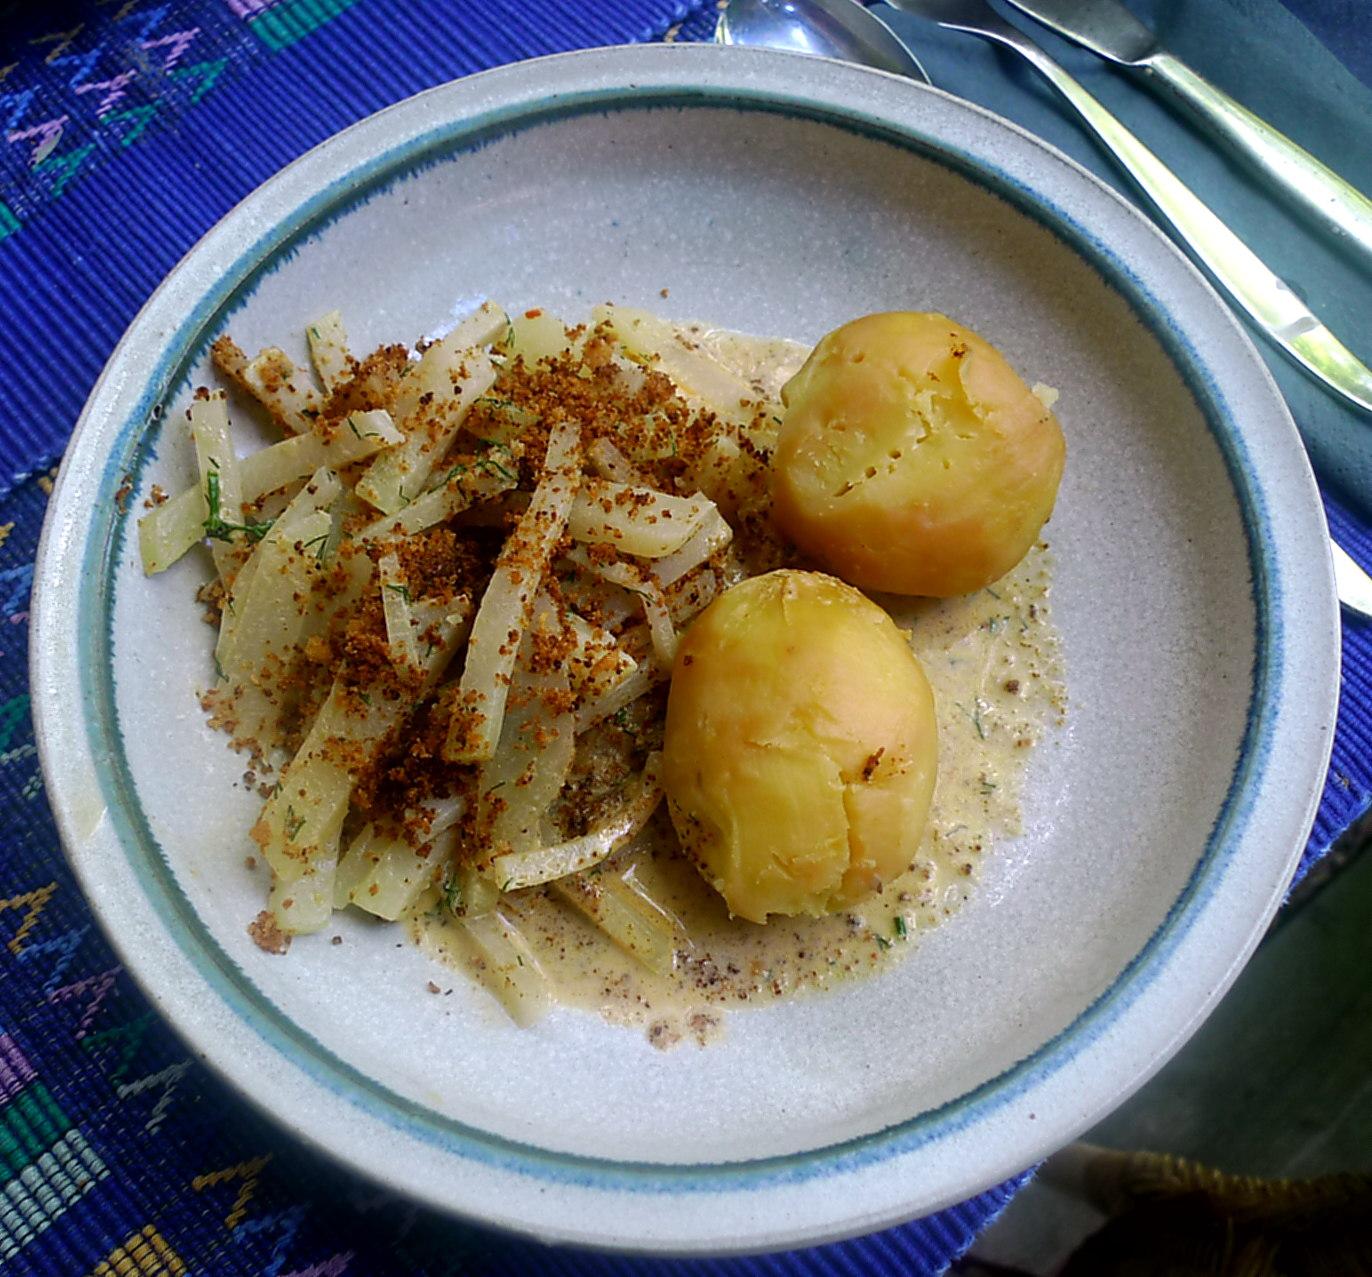 21.6.16 - Kohlrabigemüse,Kartoffeln (1).JPG